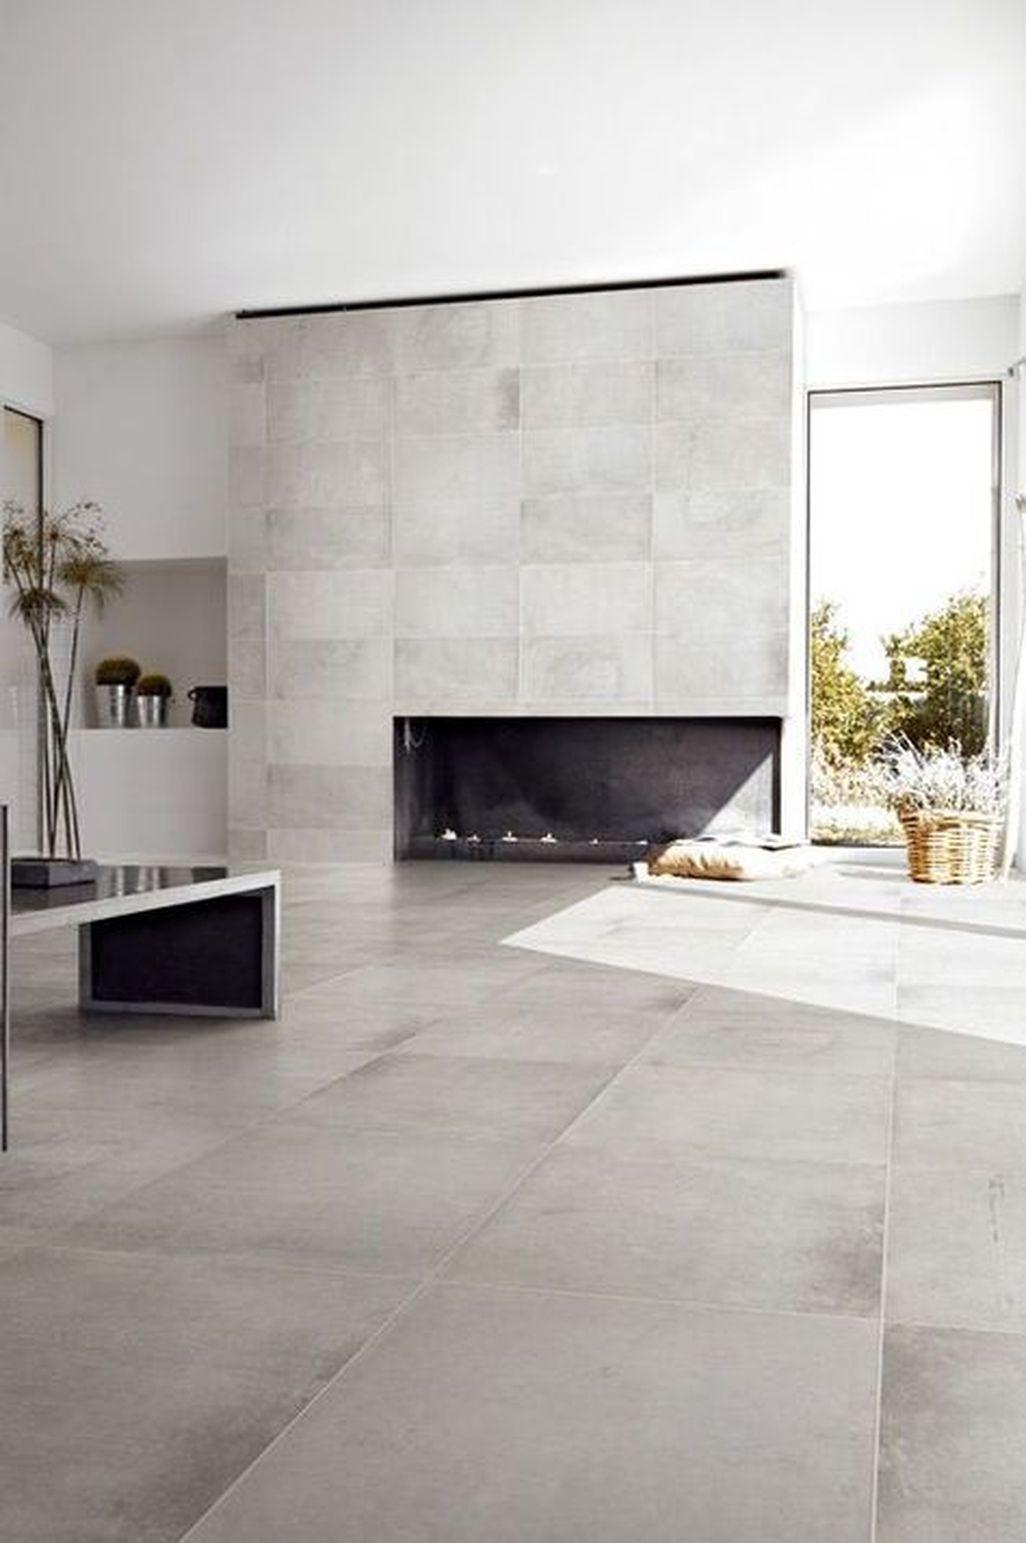 44 Modern Elegant Tile Ideas For Your Home